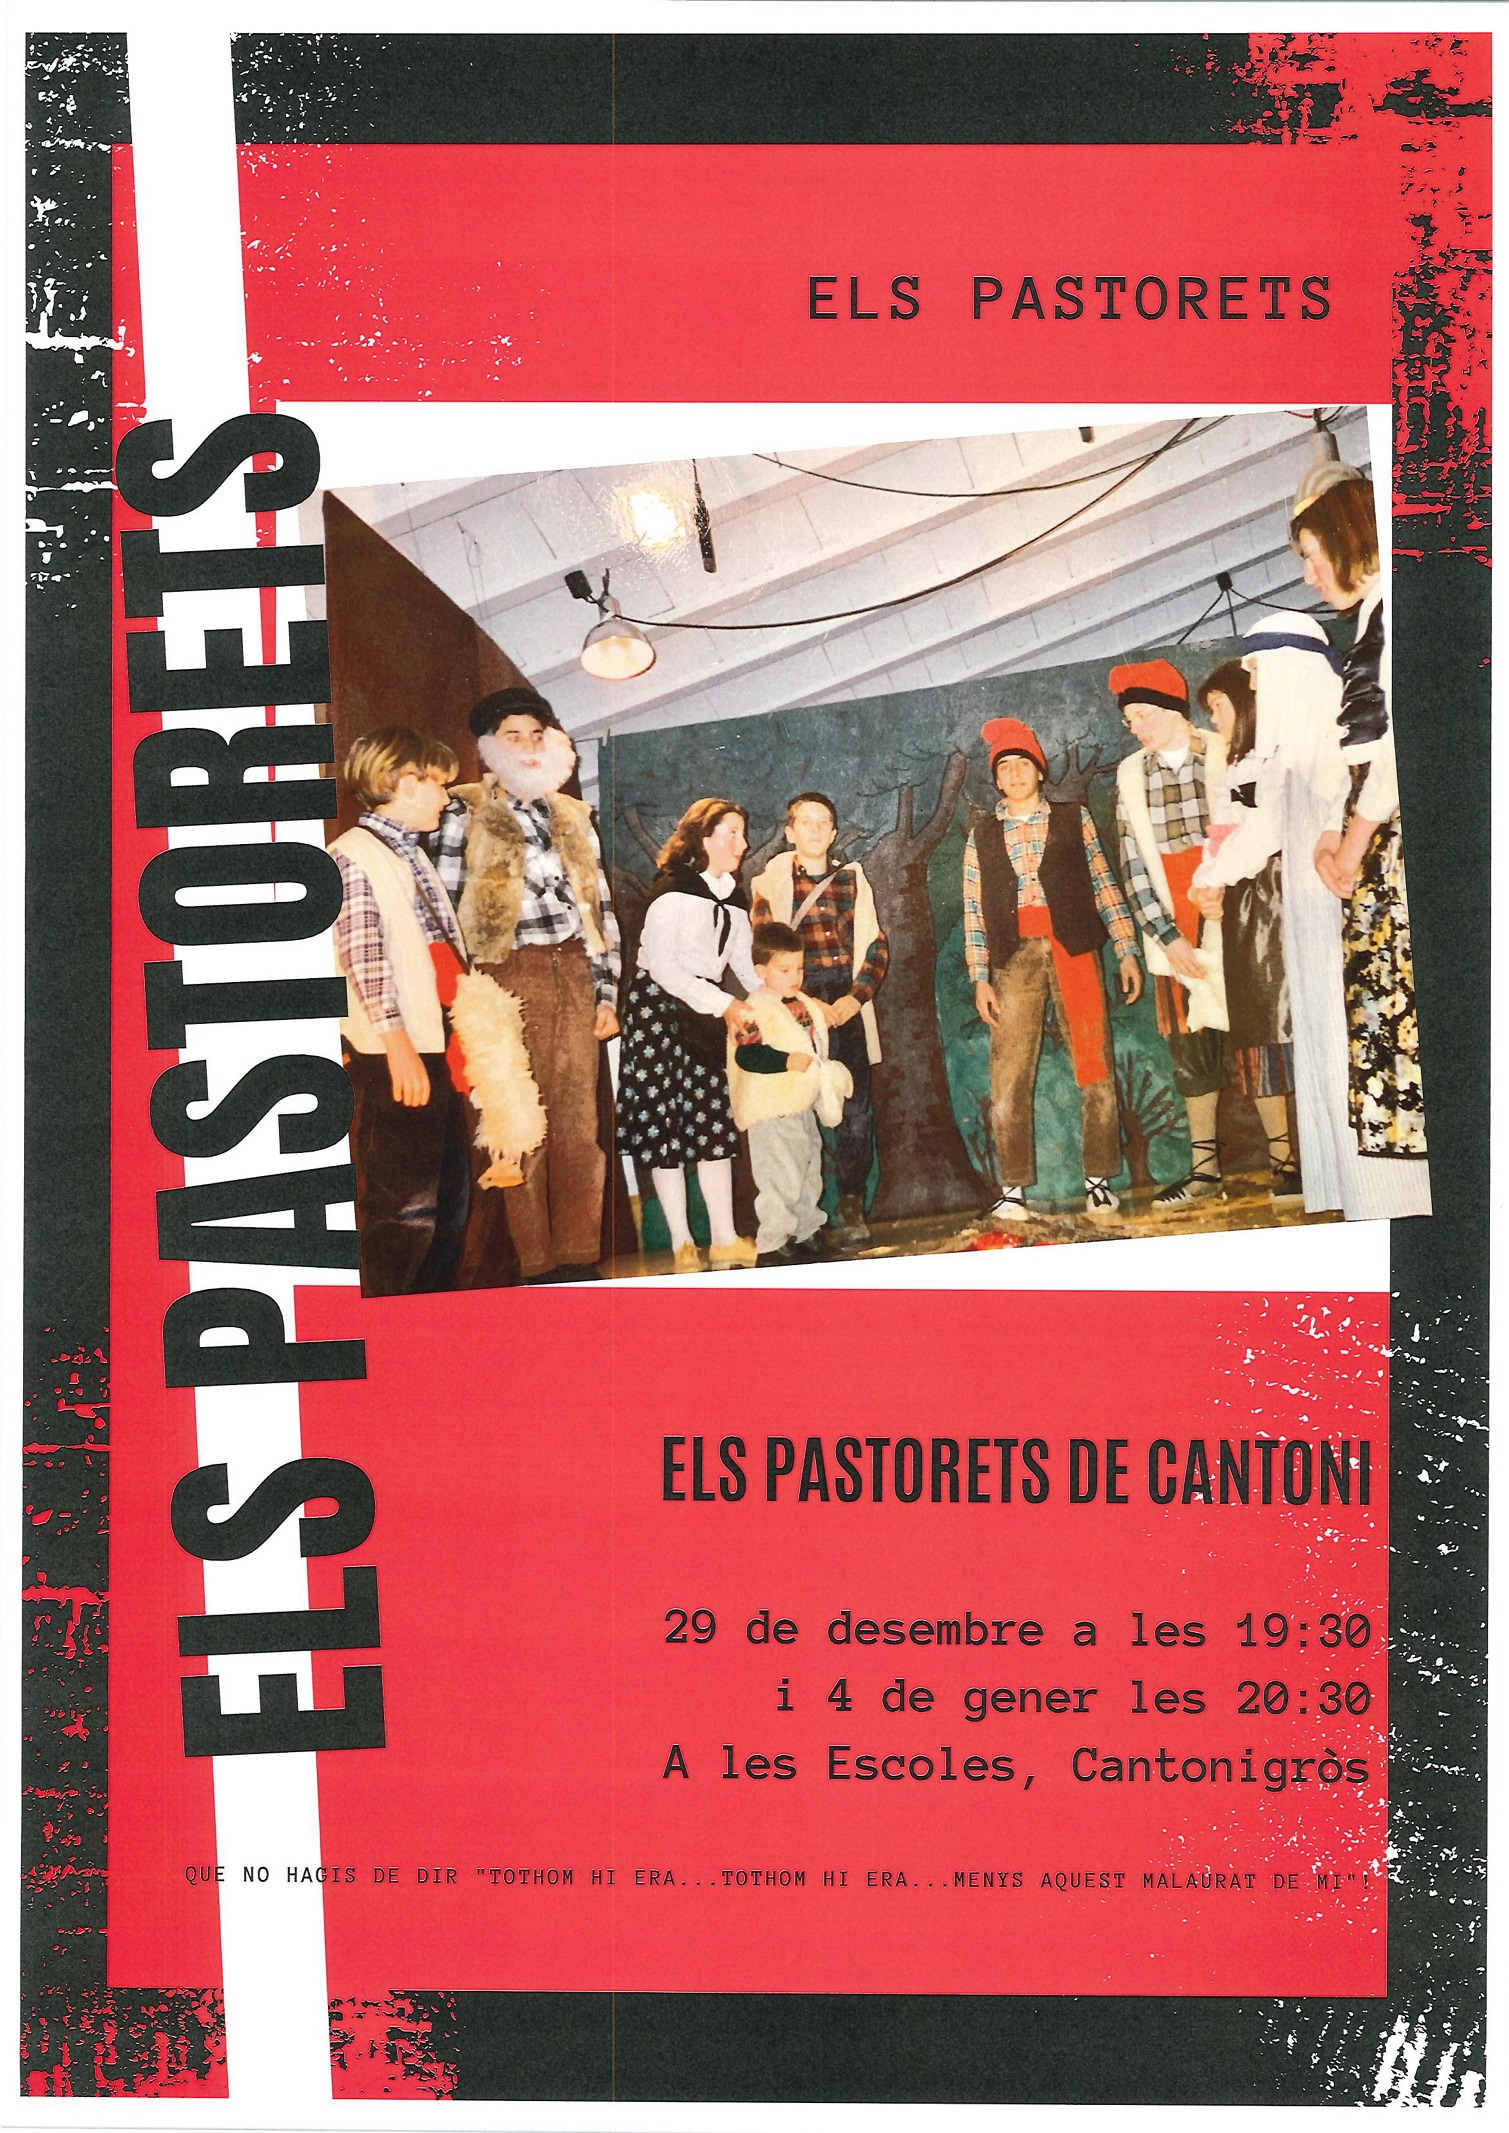 Pastorets de Cantoni